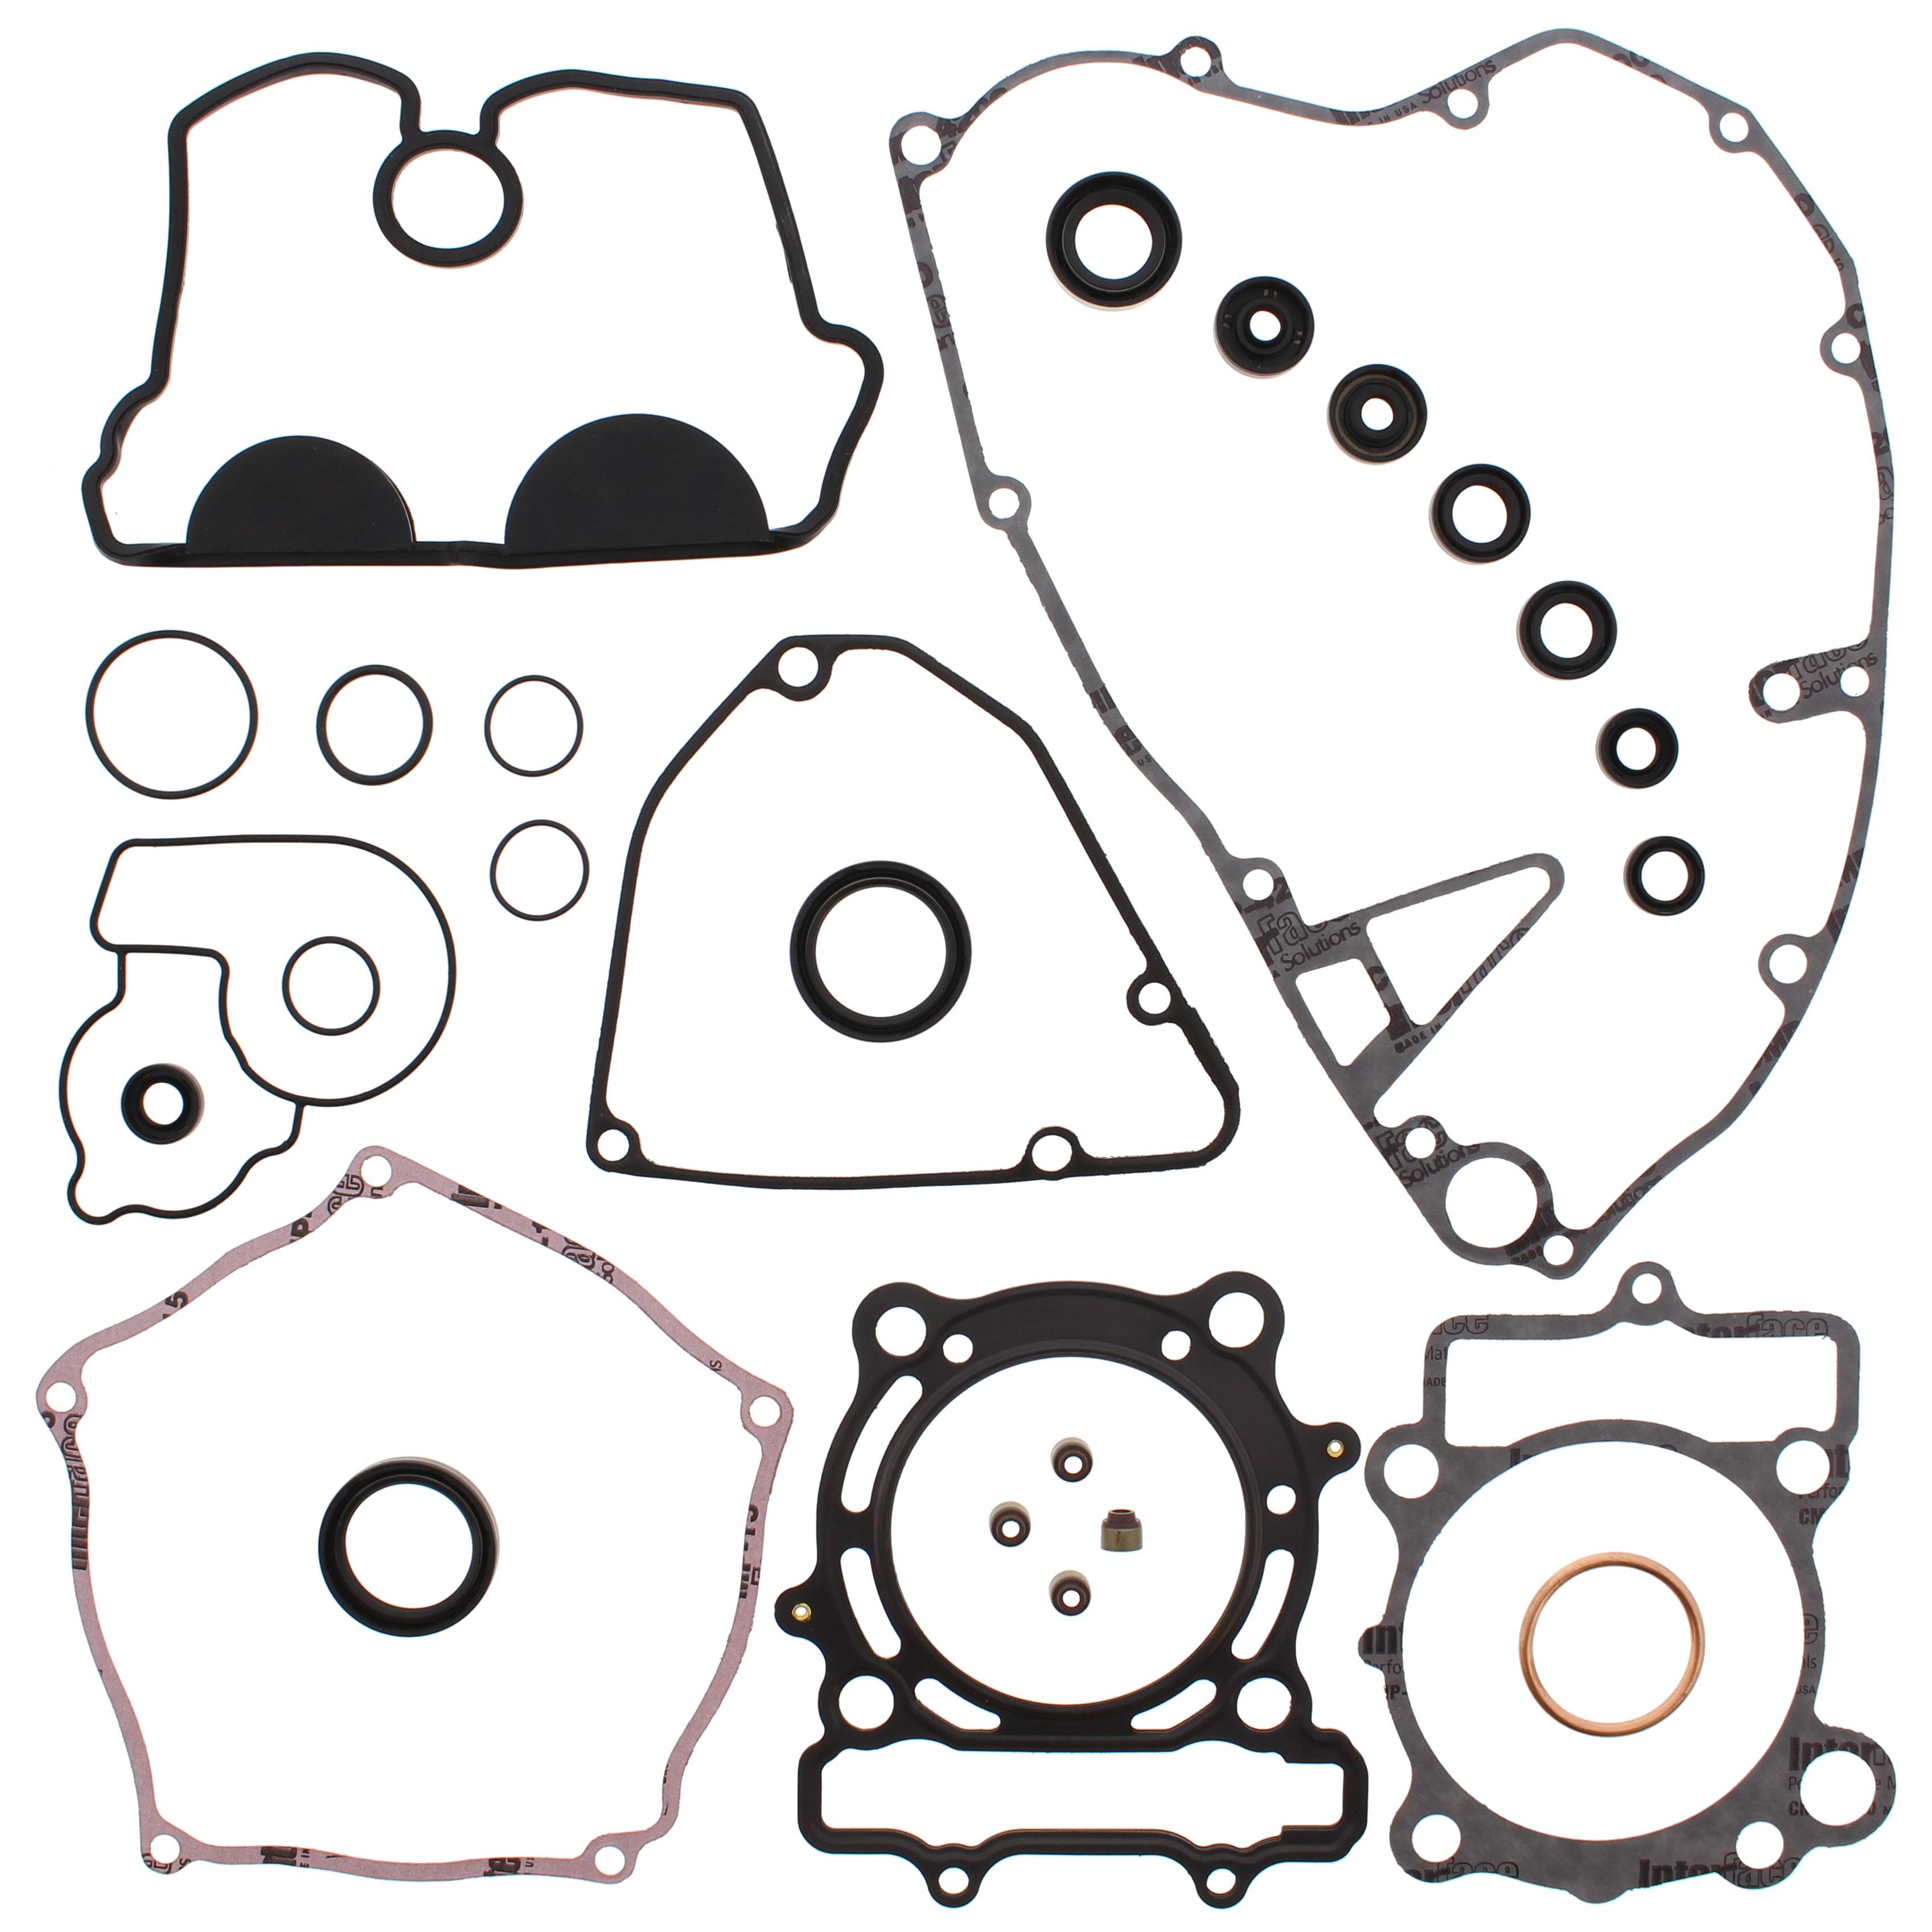 New Complete Gasket Kit w/ Oil Seals Kawasaki KX250F 250cc